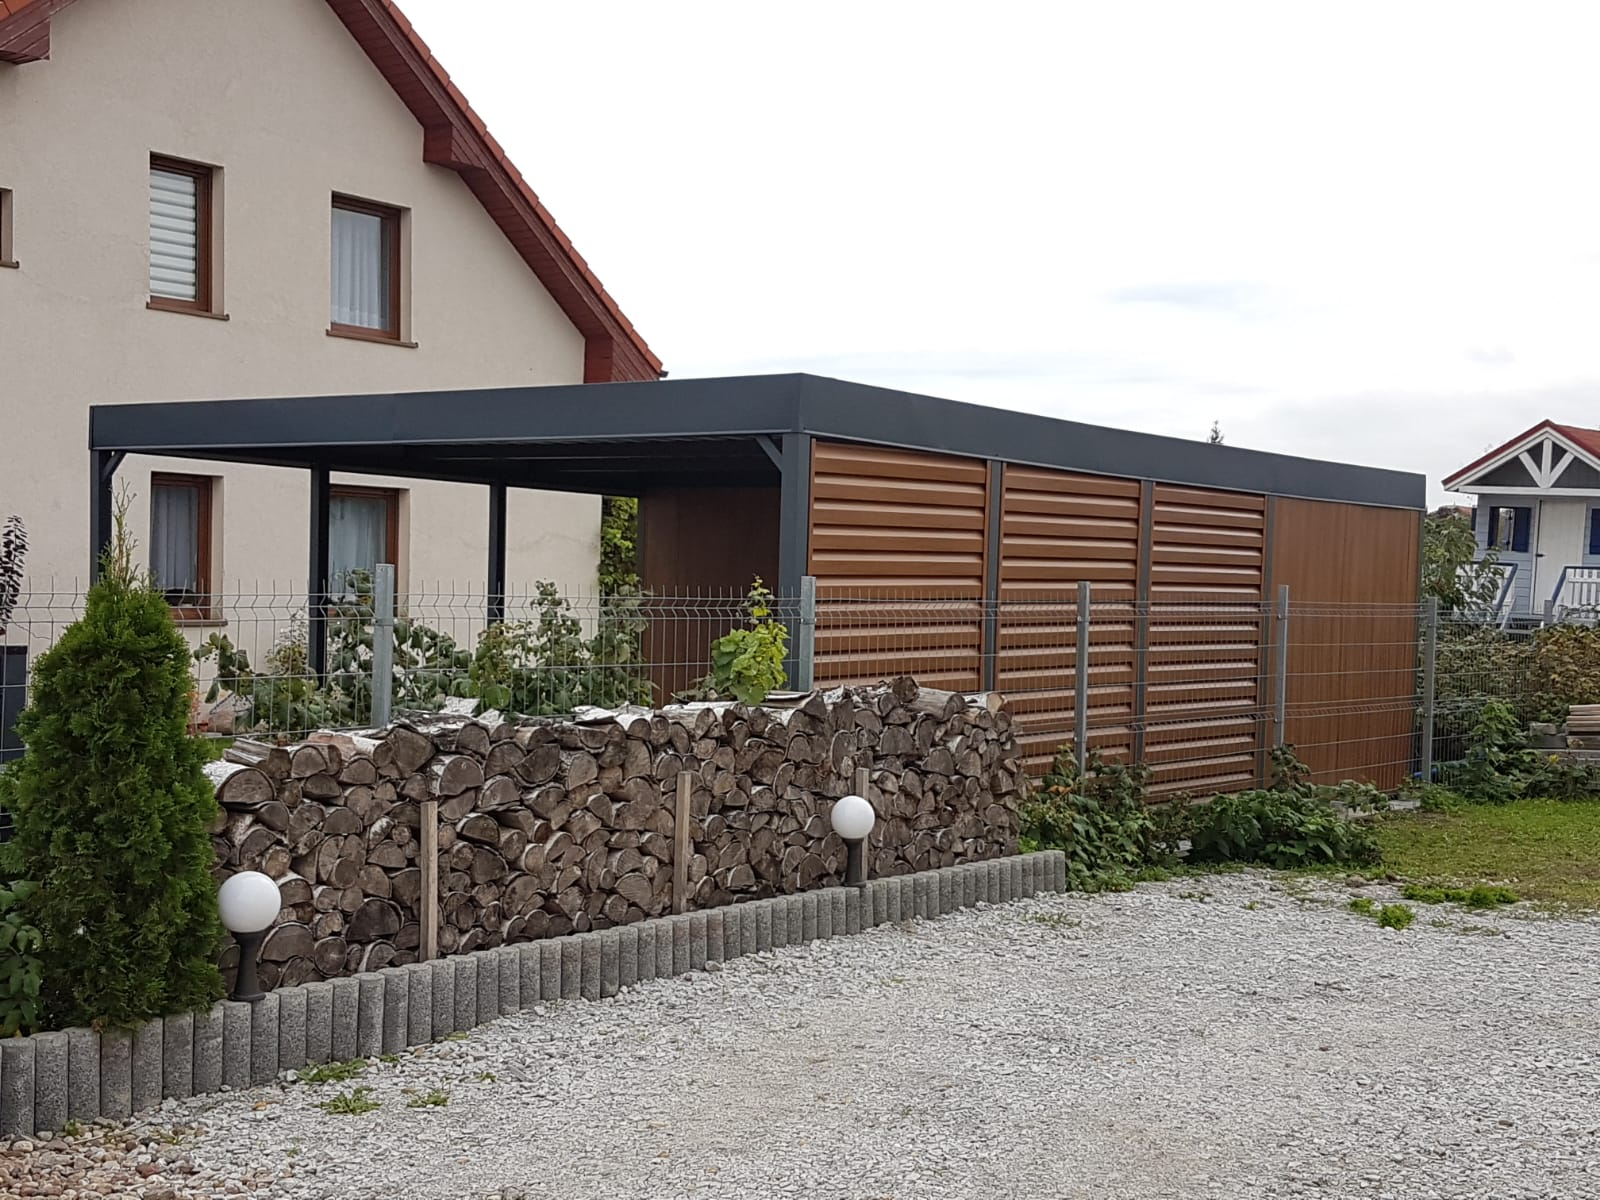 realizacja 3 duza Wiata garażowa natural w stylu drewna dwu stanowiskowa tanio polska